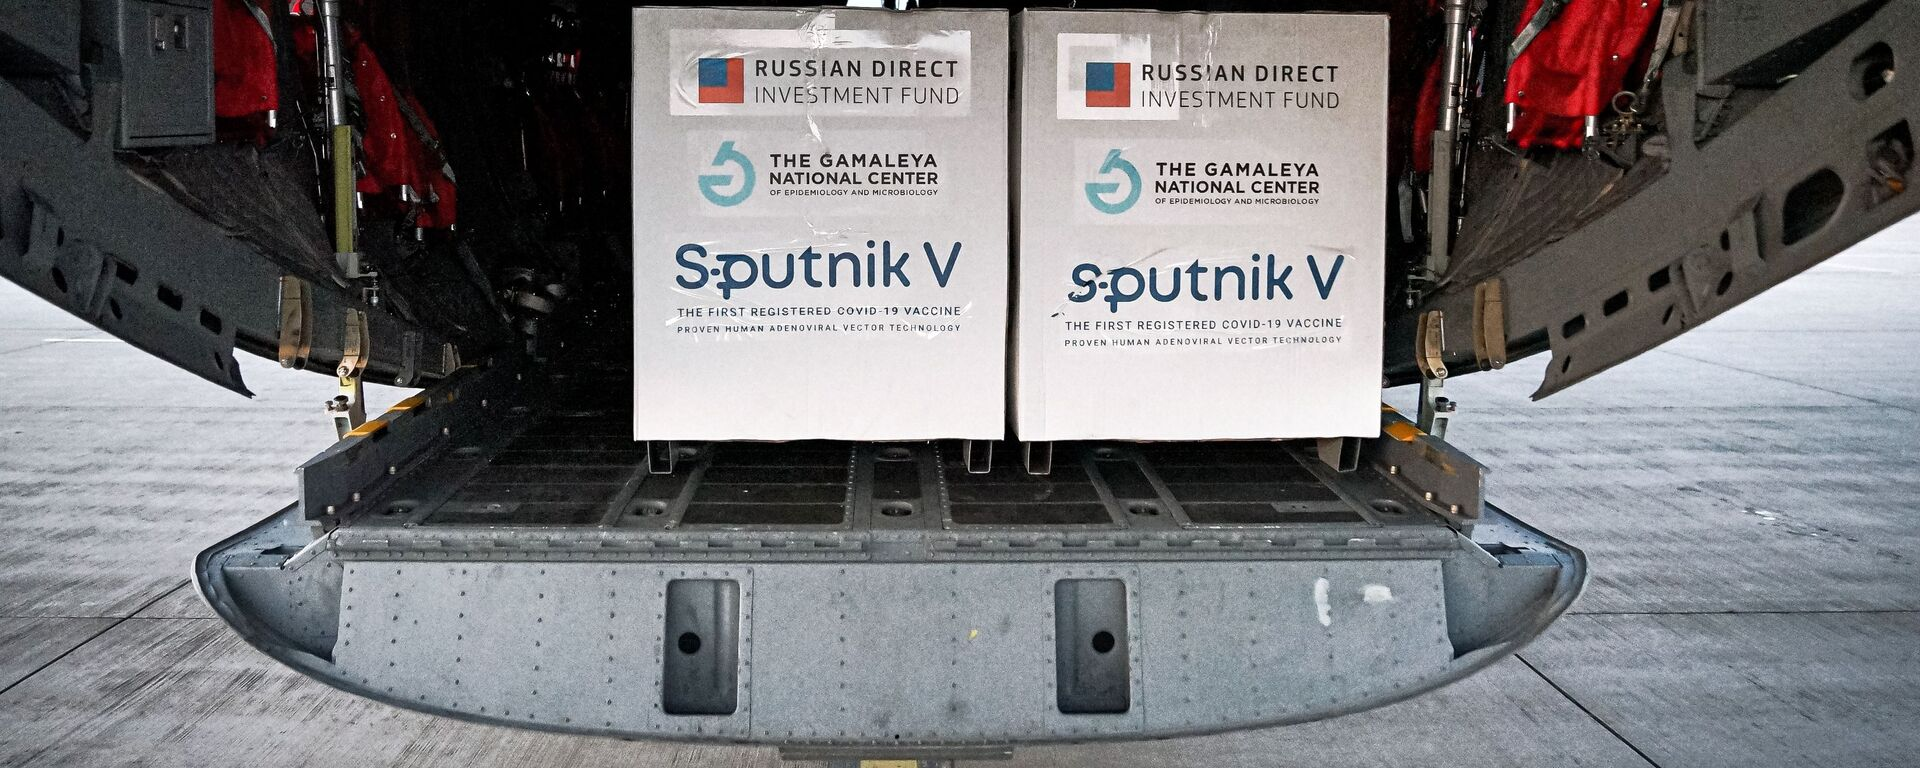 Pierwsza partia rosyjskiej szczepionki Sputnik V przyjechała na Słowację - Sputnik Polska, 1920, 14.06.2021